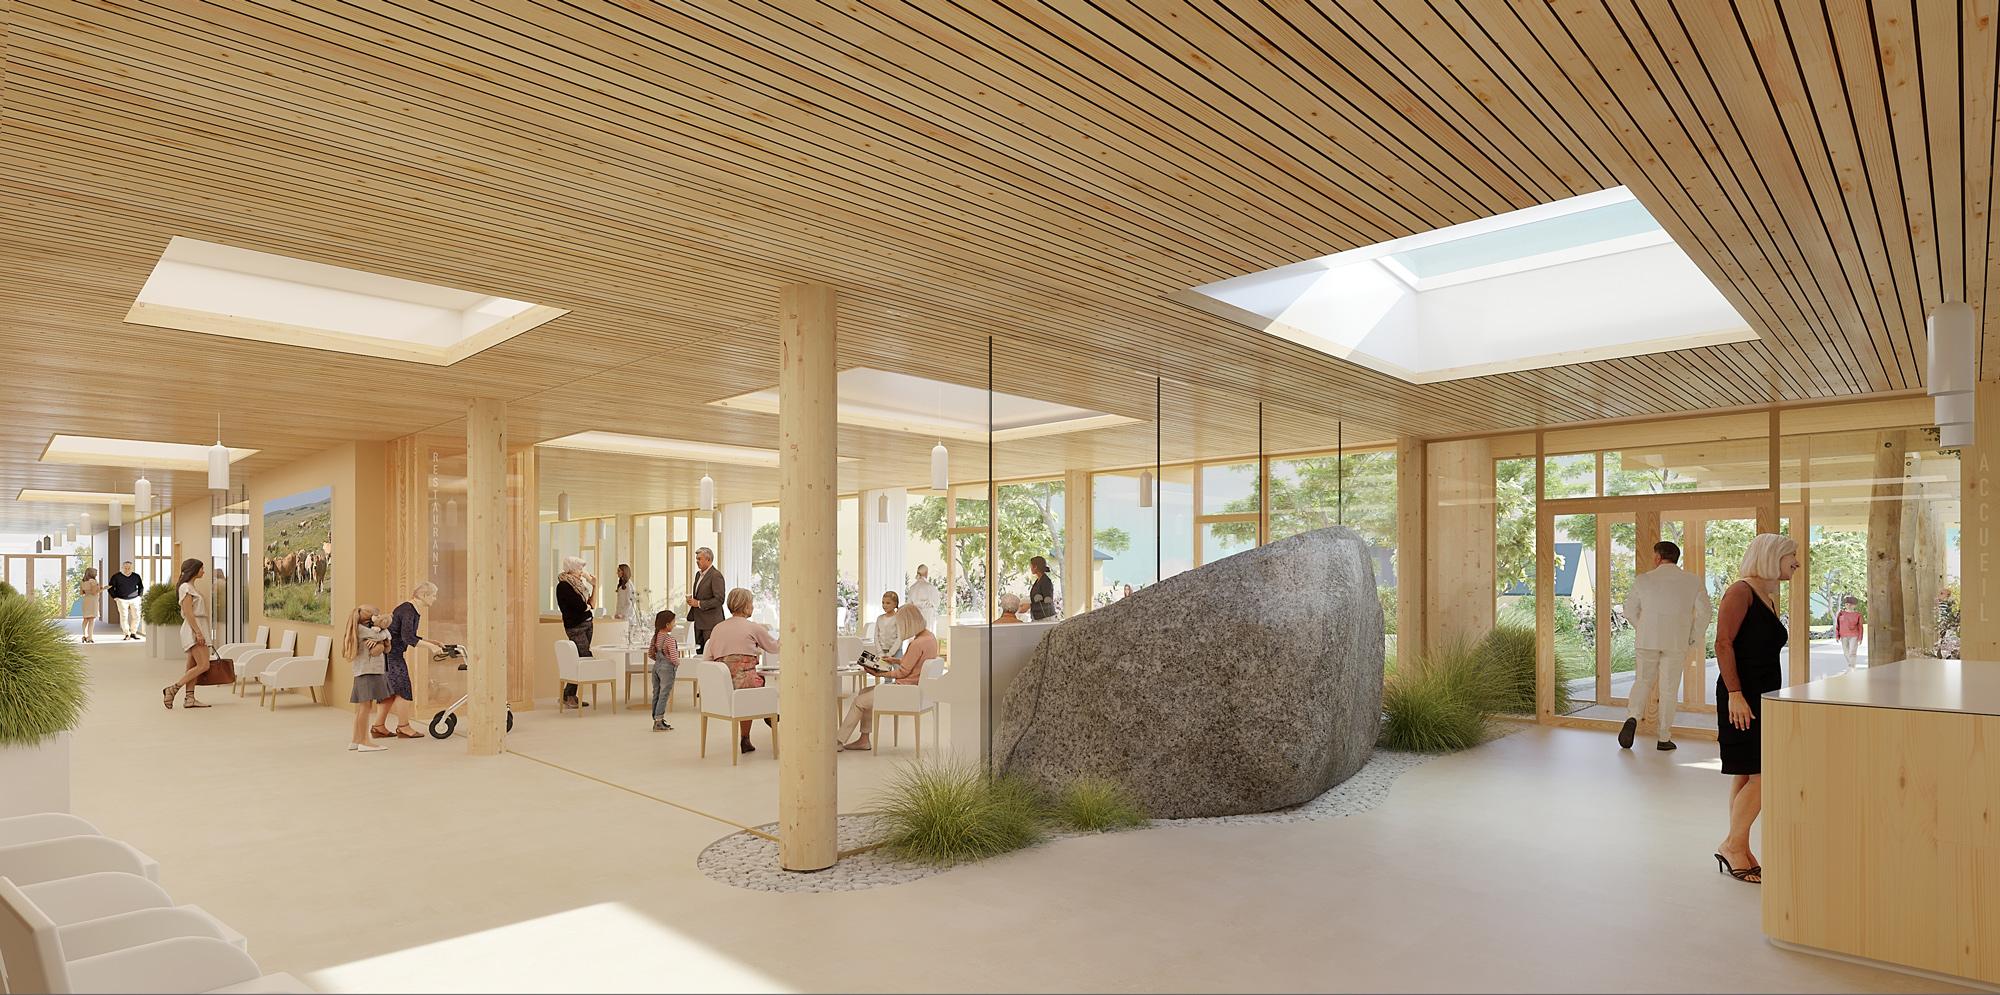 Argences en Aubrac_Pôle intergénérationnel - Hall et rue intérieure - projet Architecture Environnement